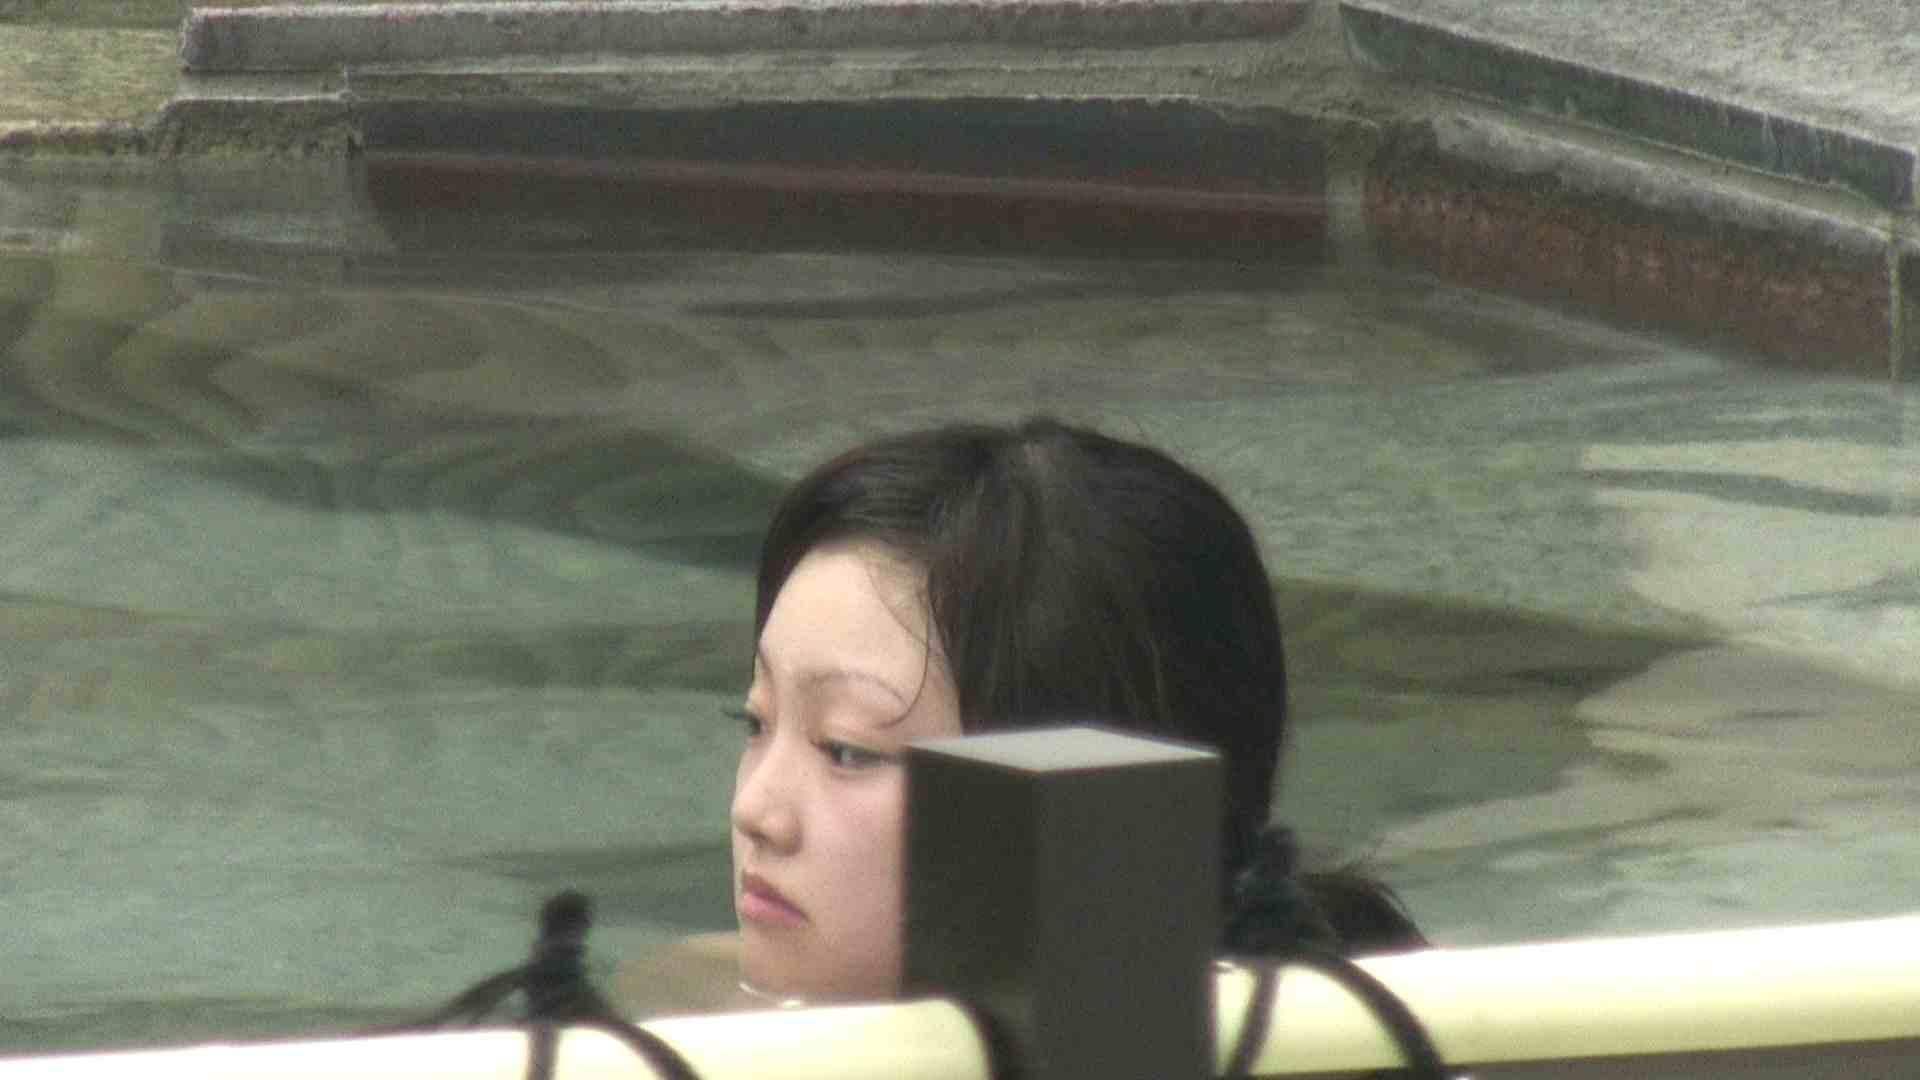 Aquaな露天風呂Vol.126 盗撮シリーズ  103PIX 6